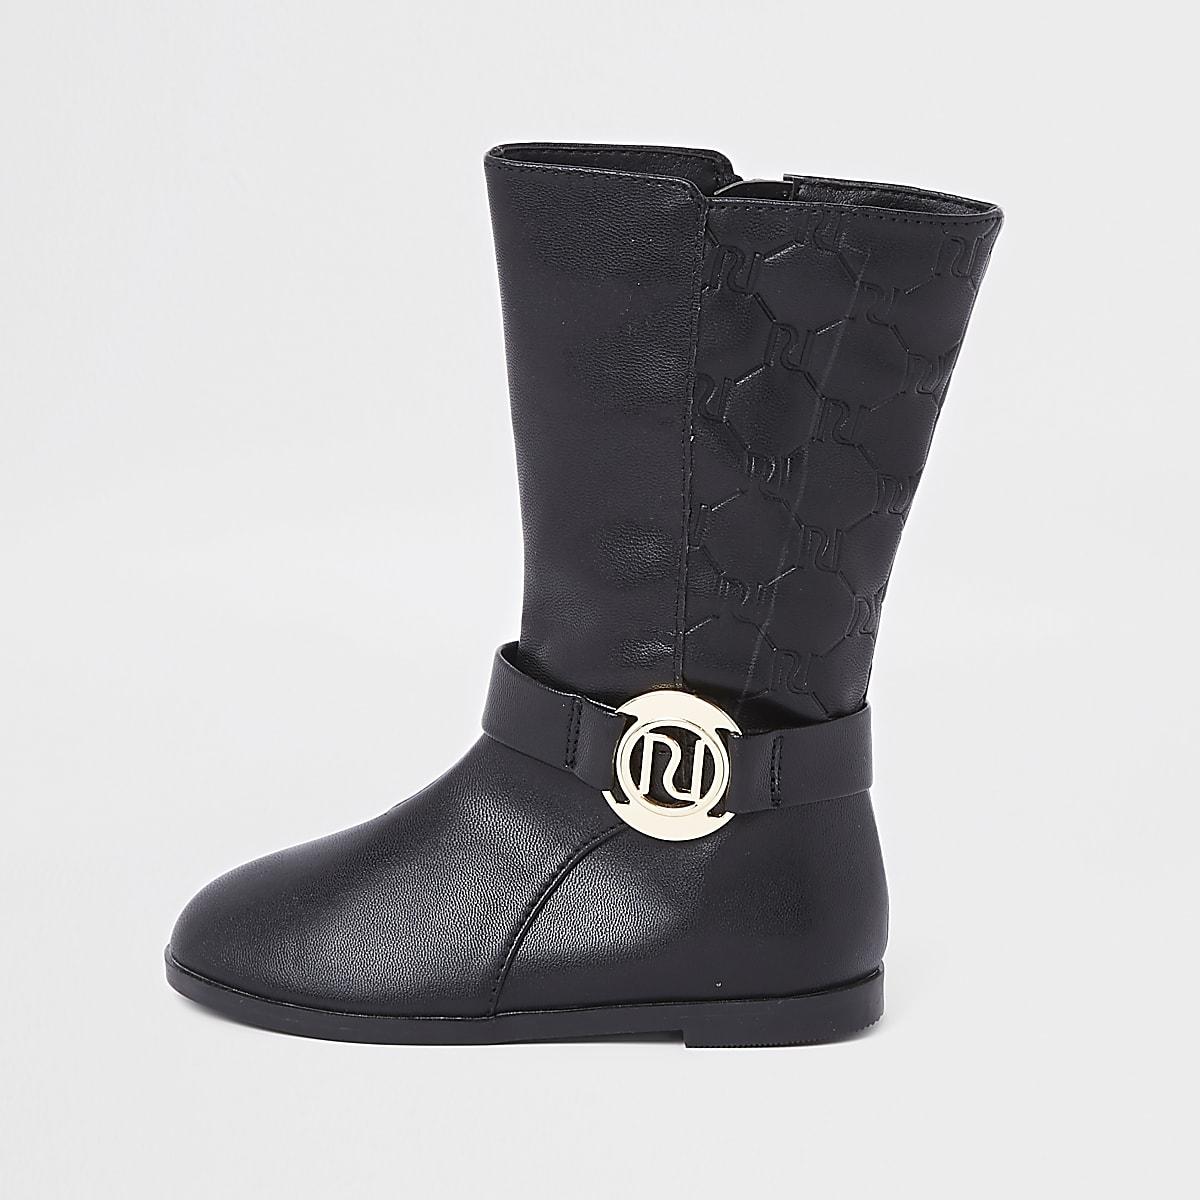 Mini - Zwarte kalfsleren laarzen met RI-monogram voor meisjes